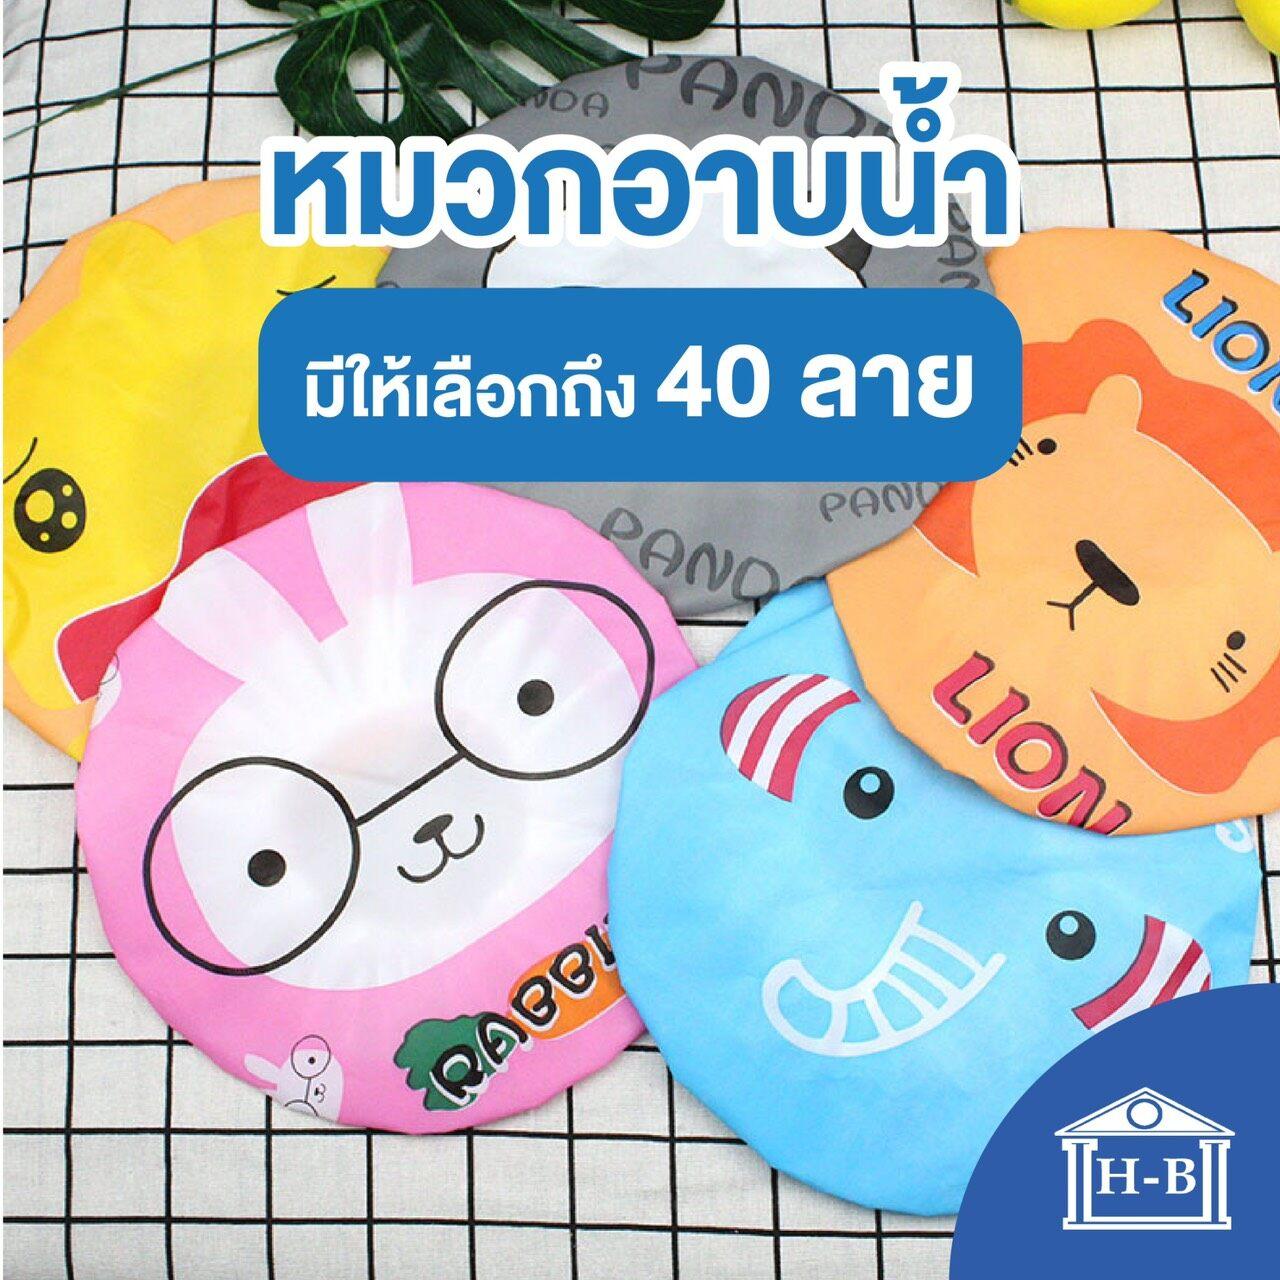 Home Best [เลือกได้ 40 ลาย] หมวกอาบนำ้ ผลิตในไทย ลายน่ารัก หมวกคลุมผมอาบน้ำ หมวกคลุมอาบน้ำ.